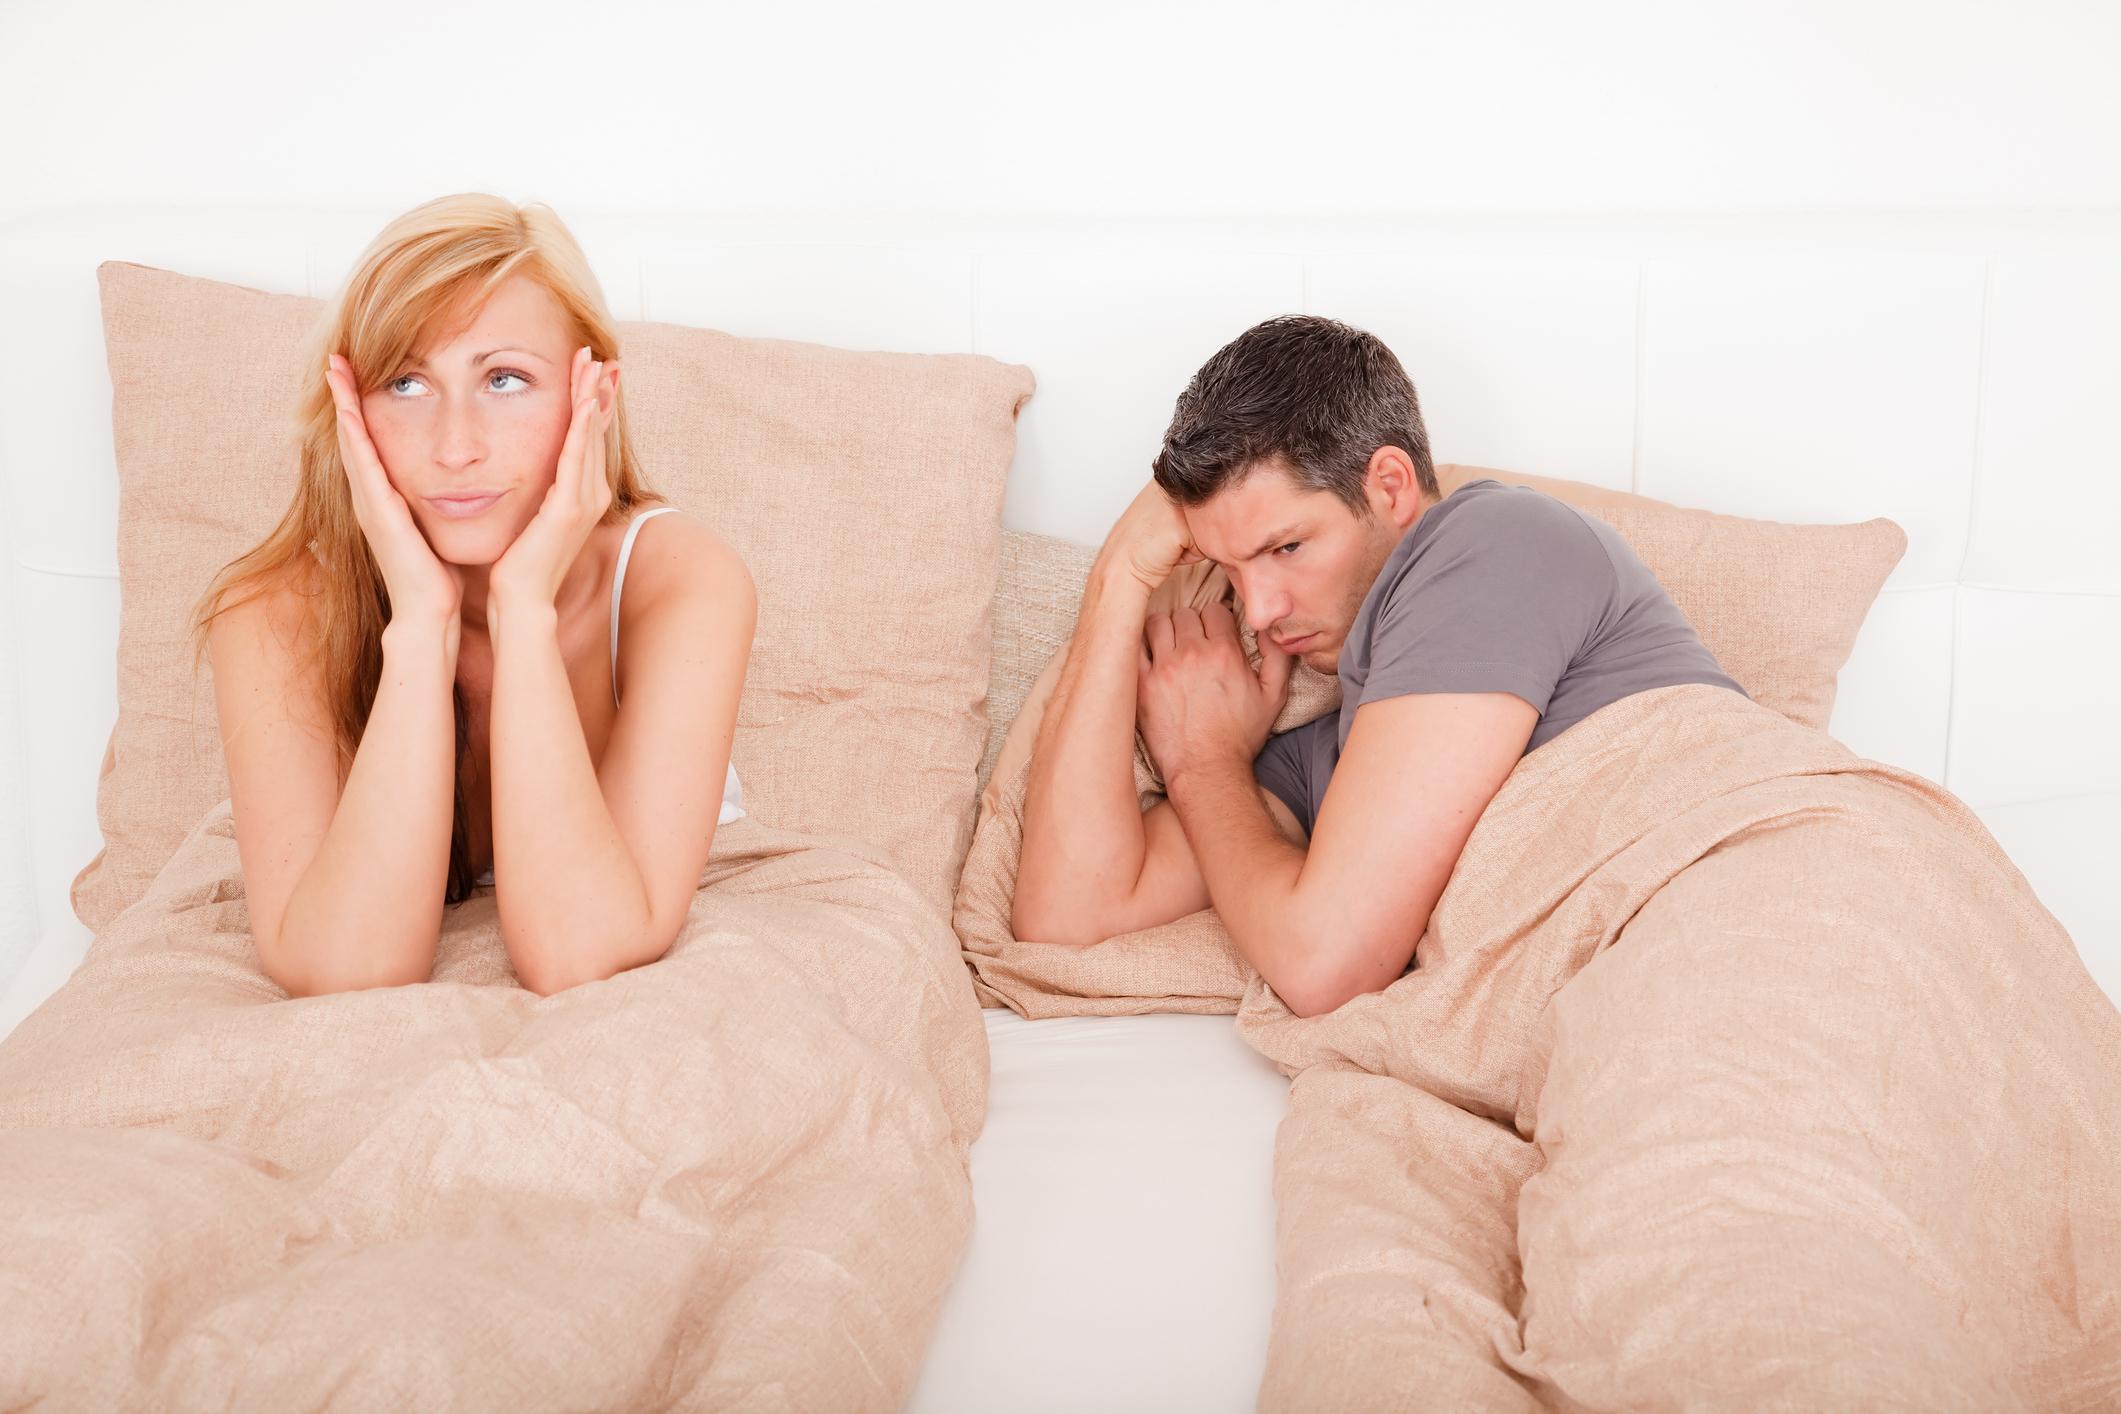 Σεξ πόνος: Γιατί οι γυναίκες πονούν συχνά κατά την ερωτική επαφή